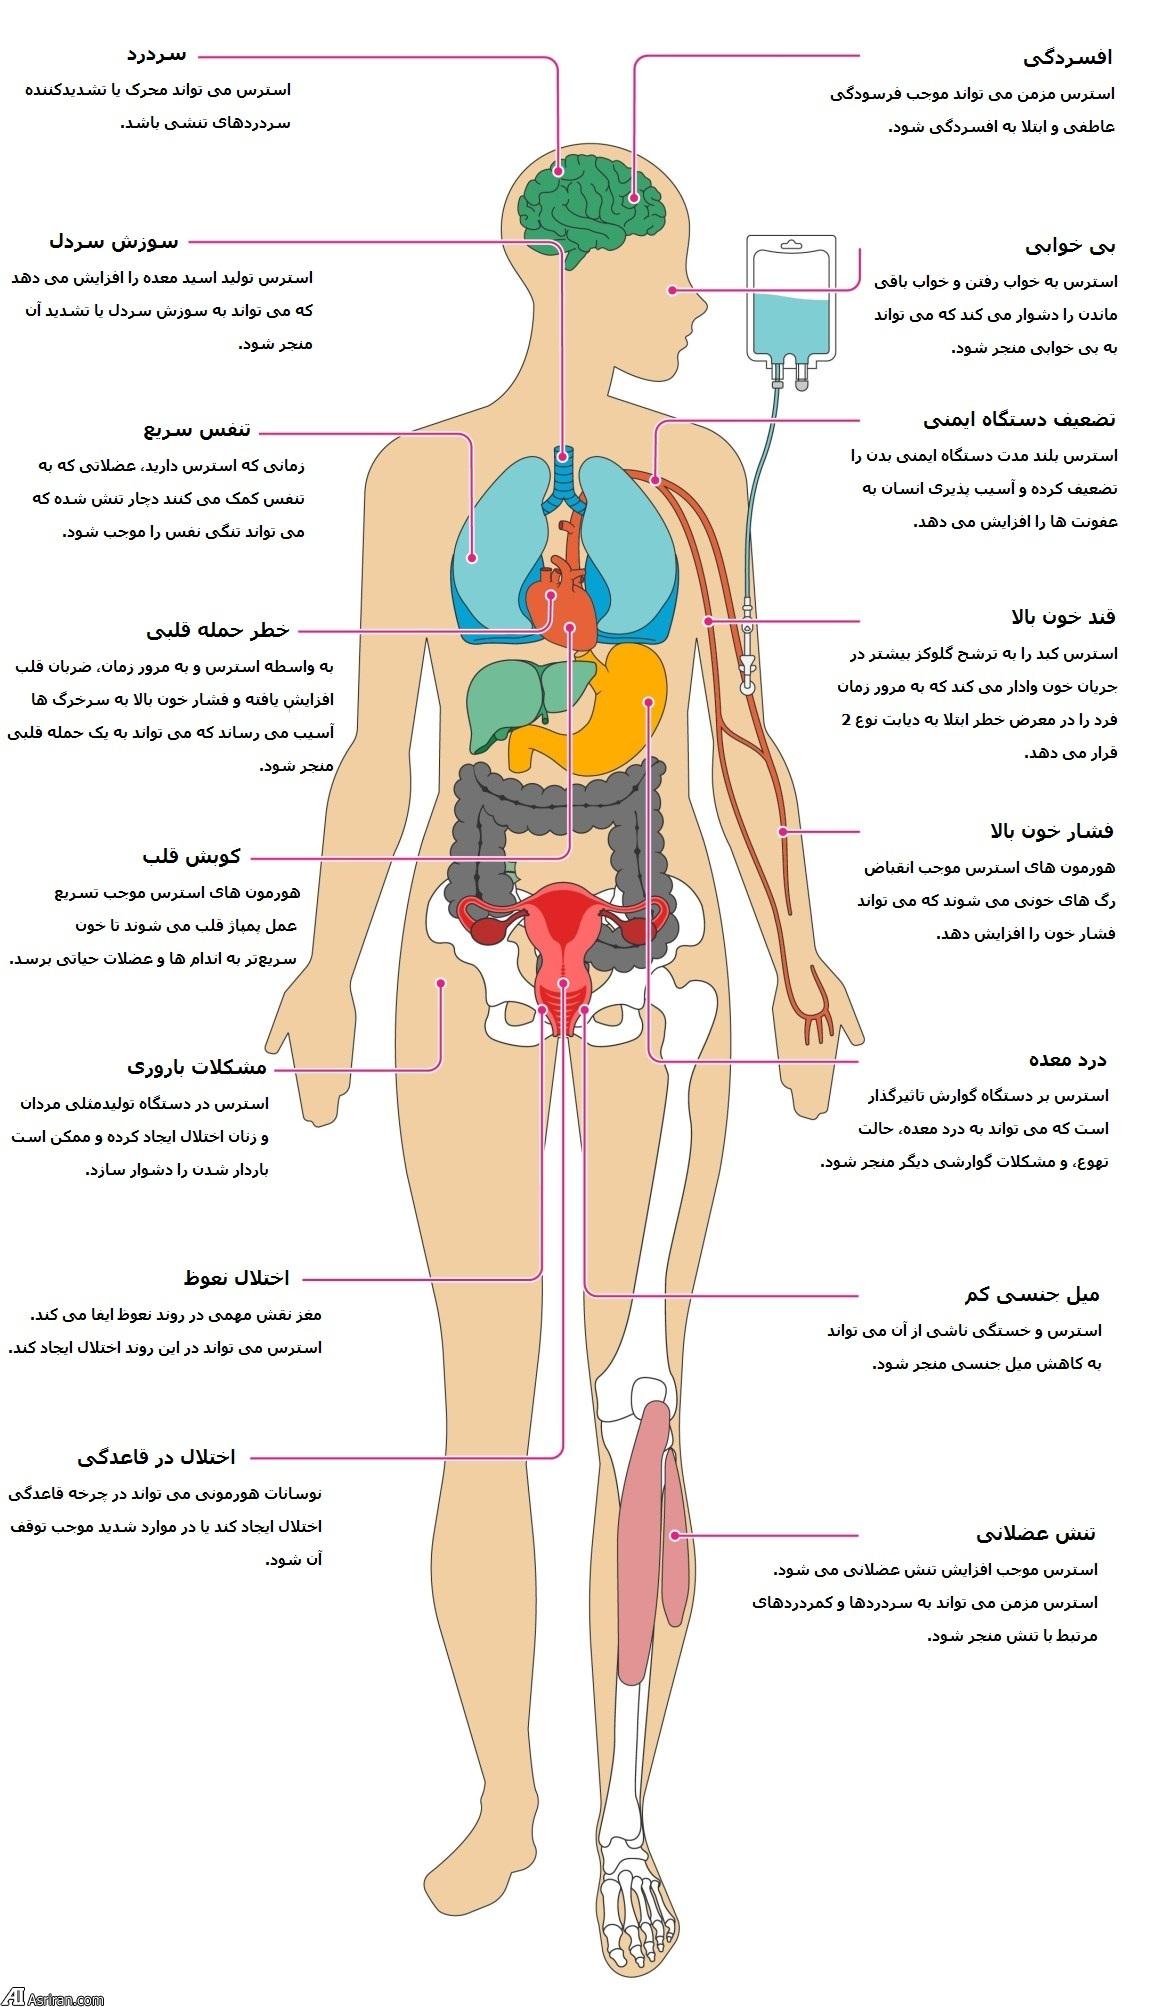 استرس مزمن و اندام های بدن ما! (+اینفوگرافی)